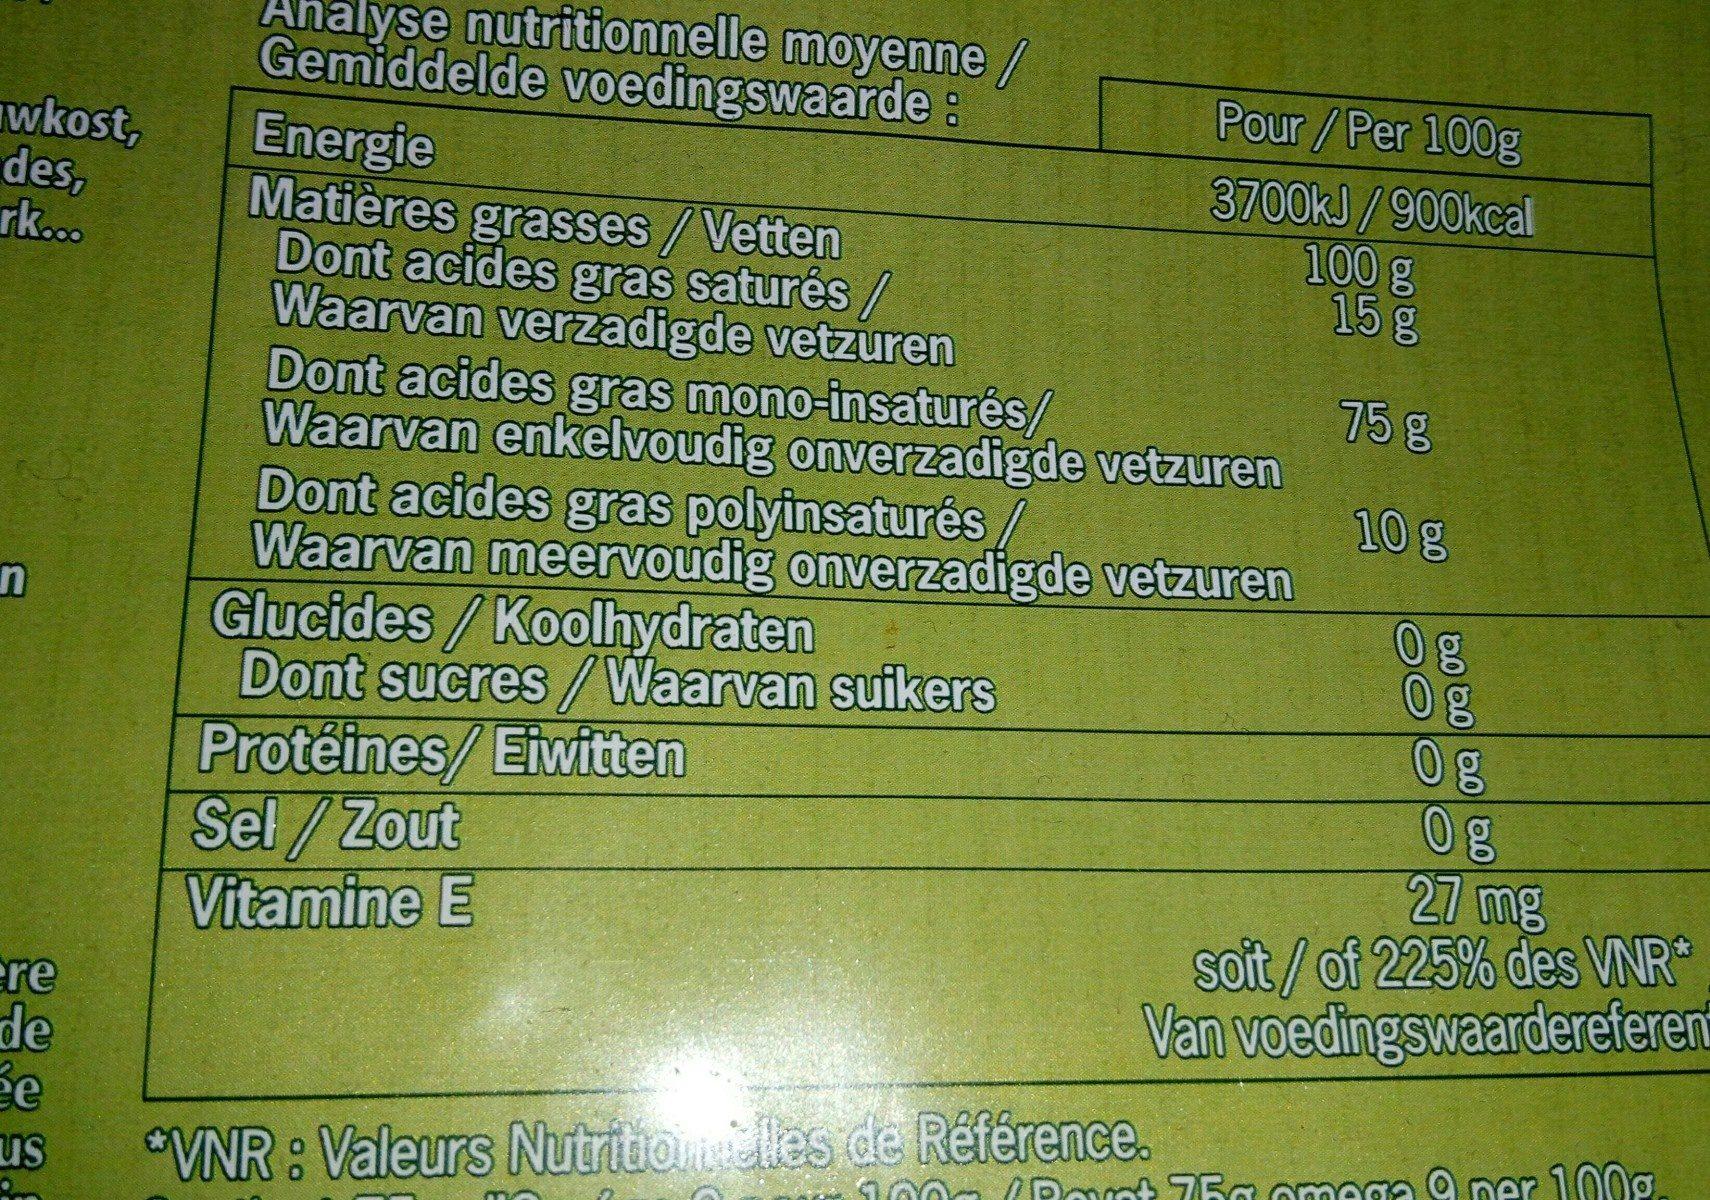 Epicerie / Huiles Alimentaires Bio / Huiles D'olive Bio - Ingrédients